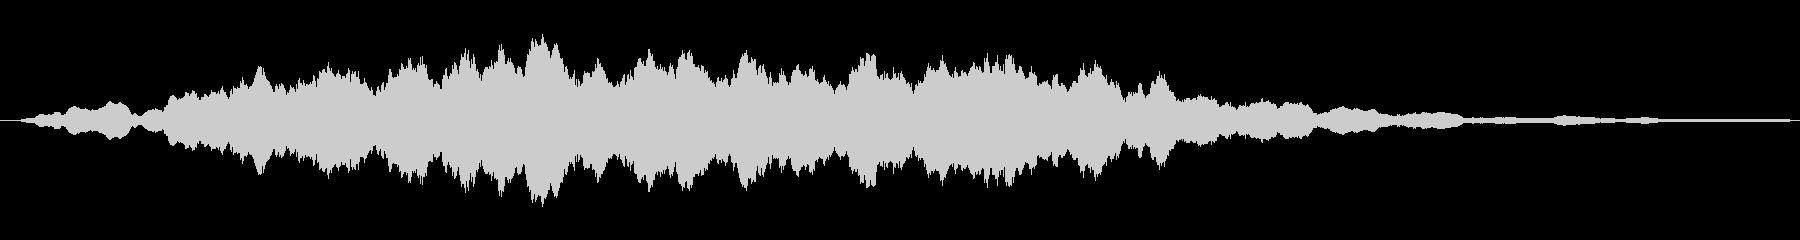 鋭い リンギングブリッター24の未再生の波形